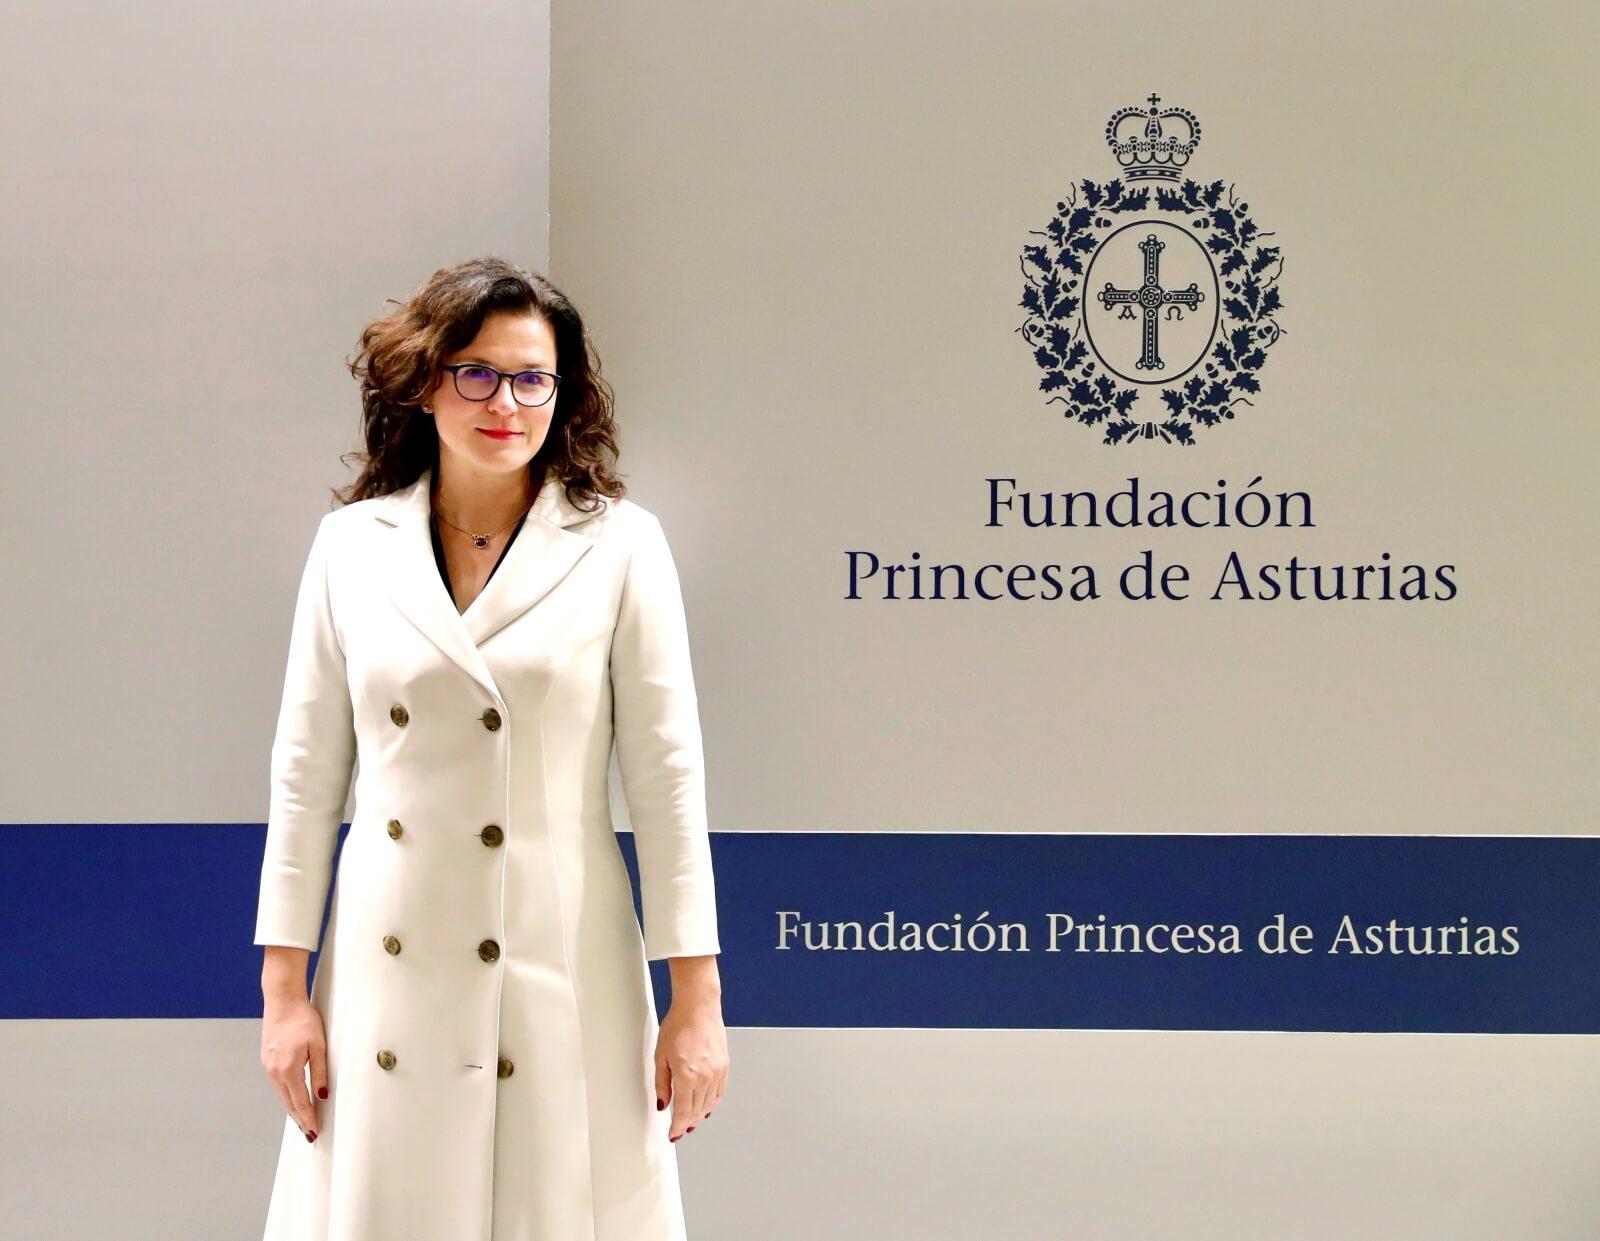 Aleksandra Dulkiewicz nagrodzona Nagrodą Księżnej Asturii w kategorii Zgoda fot. EPA/J.L.Cereijido